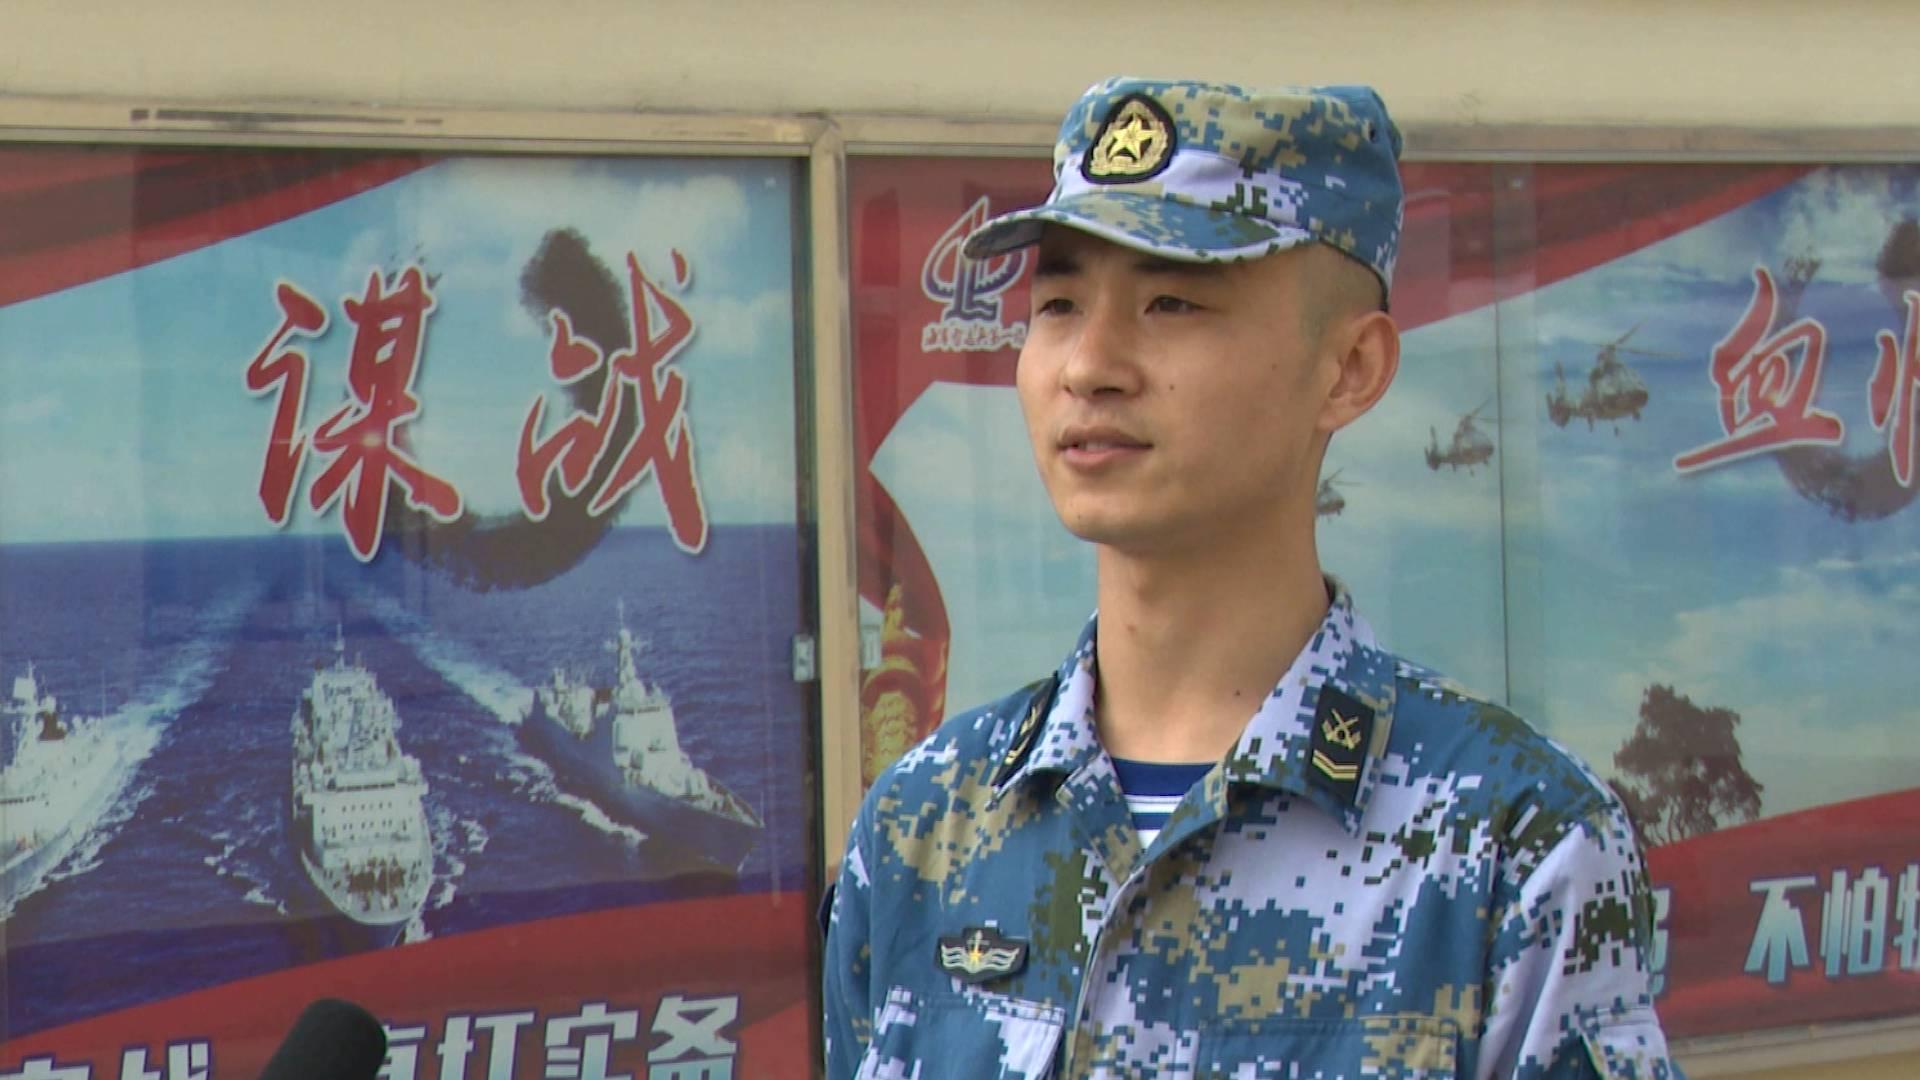 总书记来到我们身边 北部战区海军卓识显:勇于担起能战止战、捍卫和平的使命职责